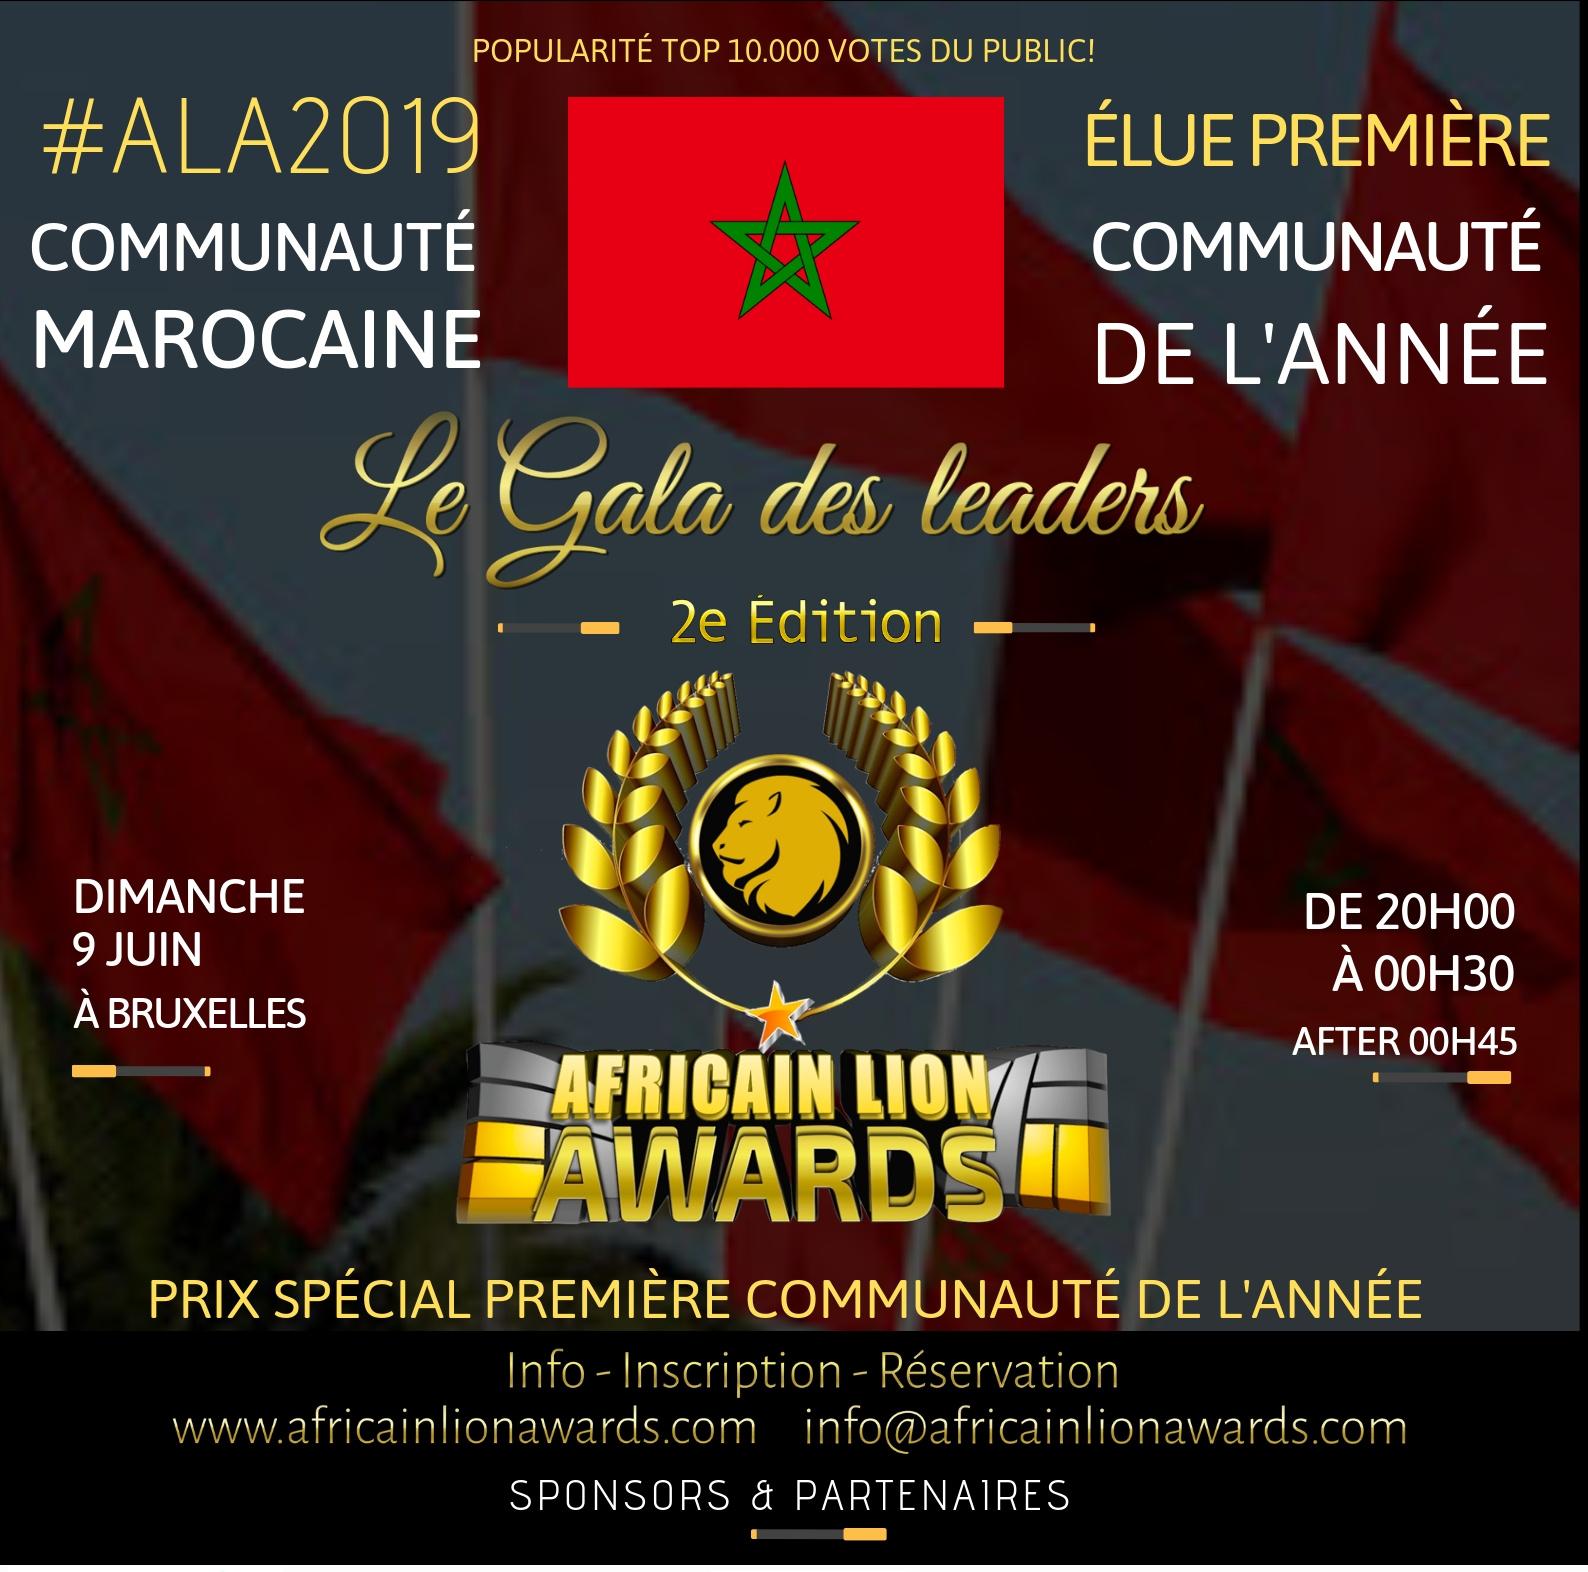 LA COMMUNAUTÉ MAROCAINE, PREMIER PODUIM D'HONNEUR D'ALA2019 : TOP 10.000 VOTES DU PUBLIC